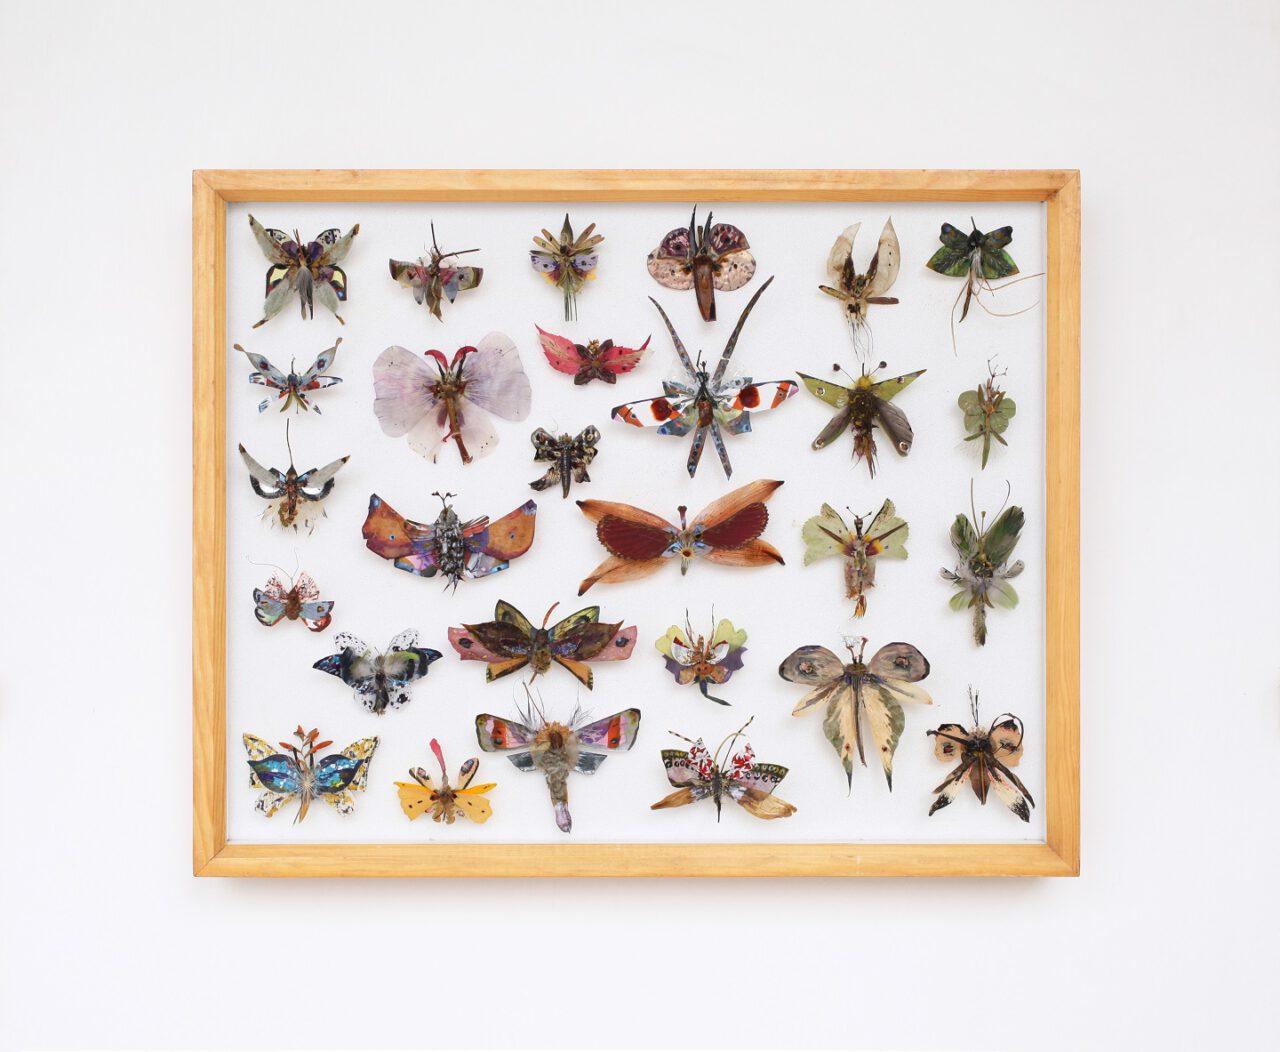 Ann-Kristin Hamm – Schmetterlingskasten 12